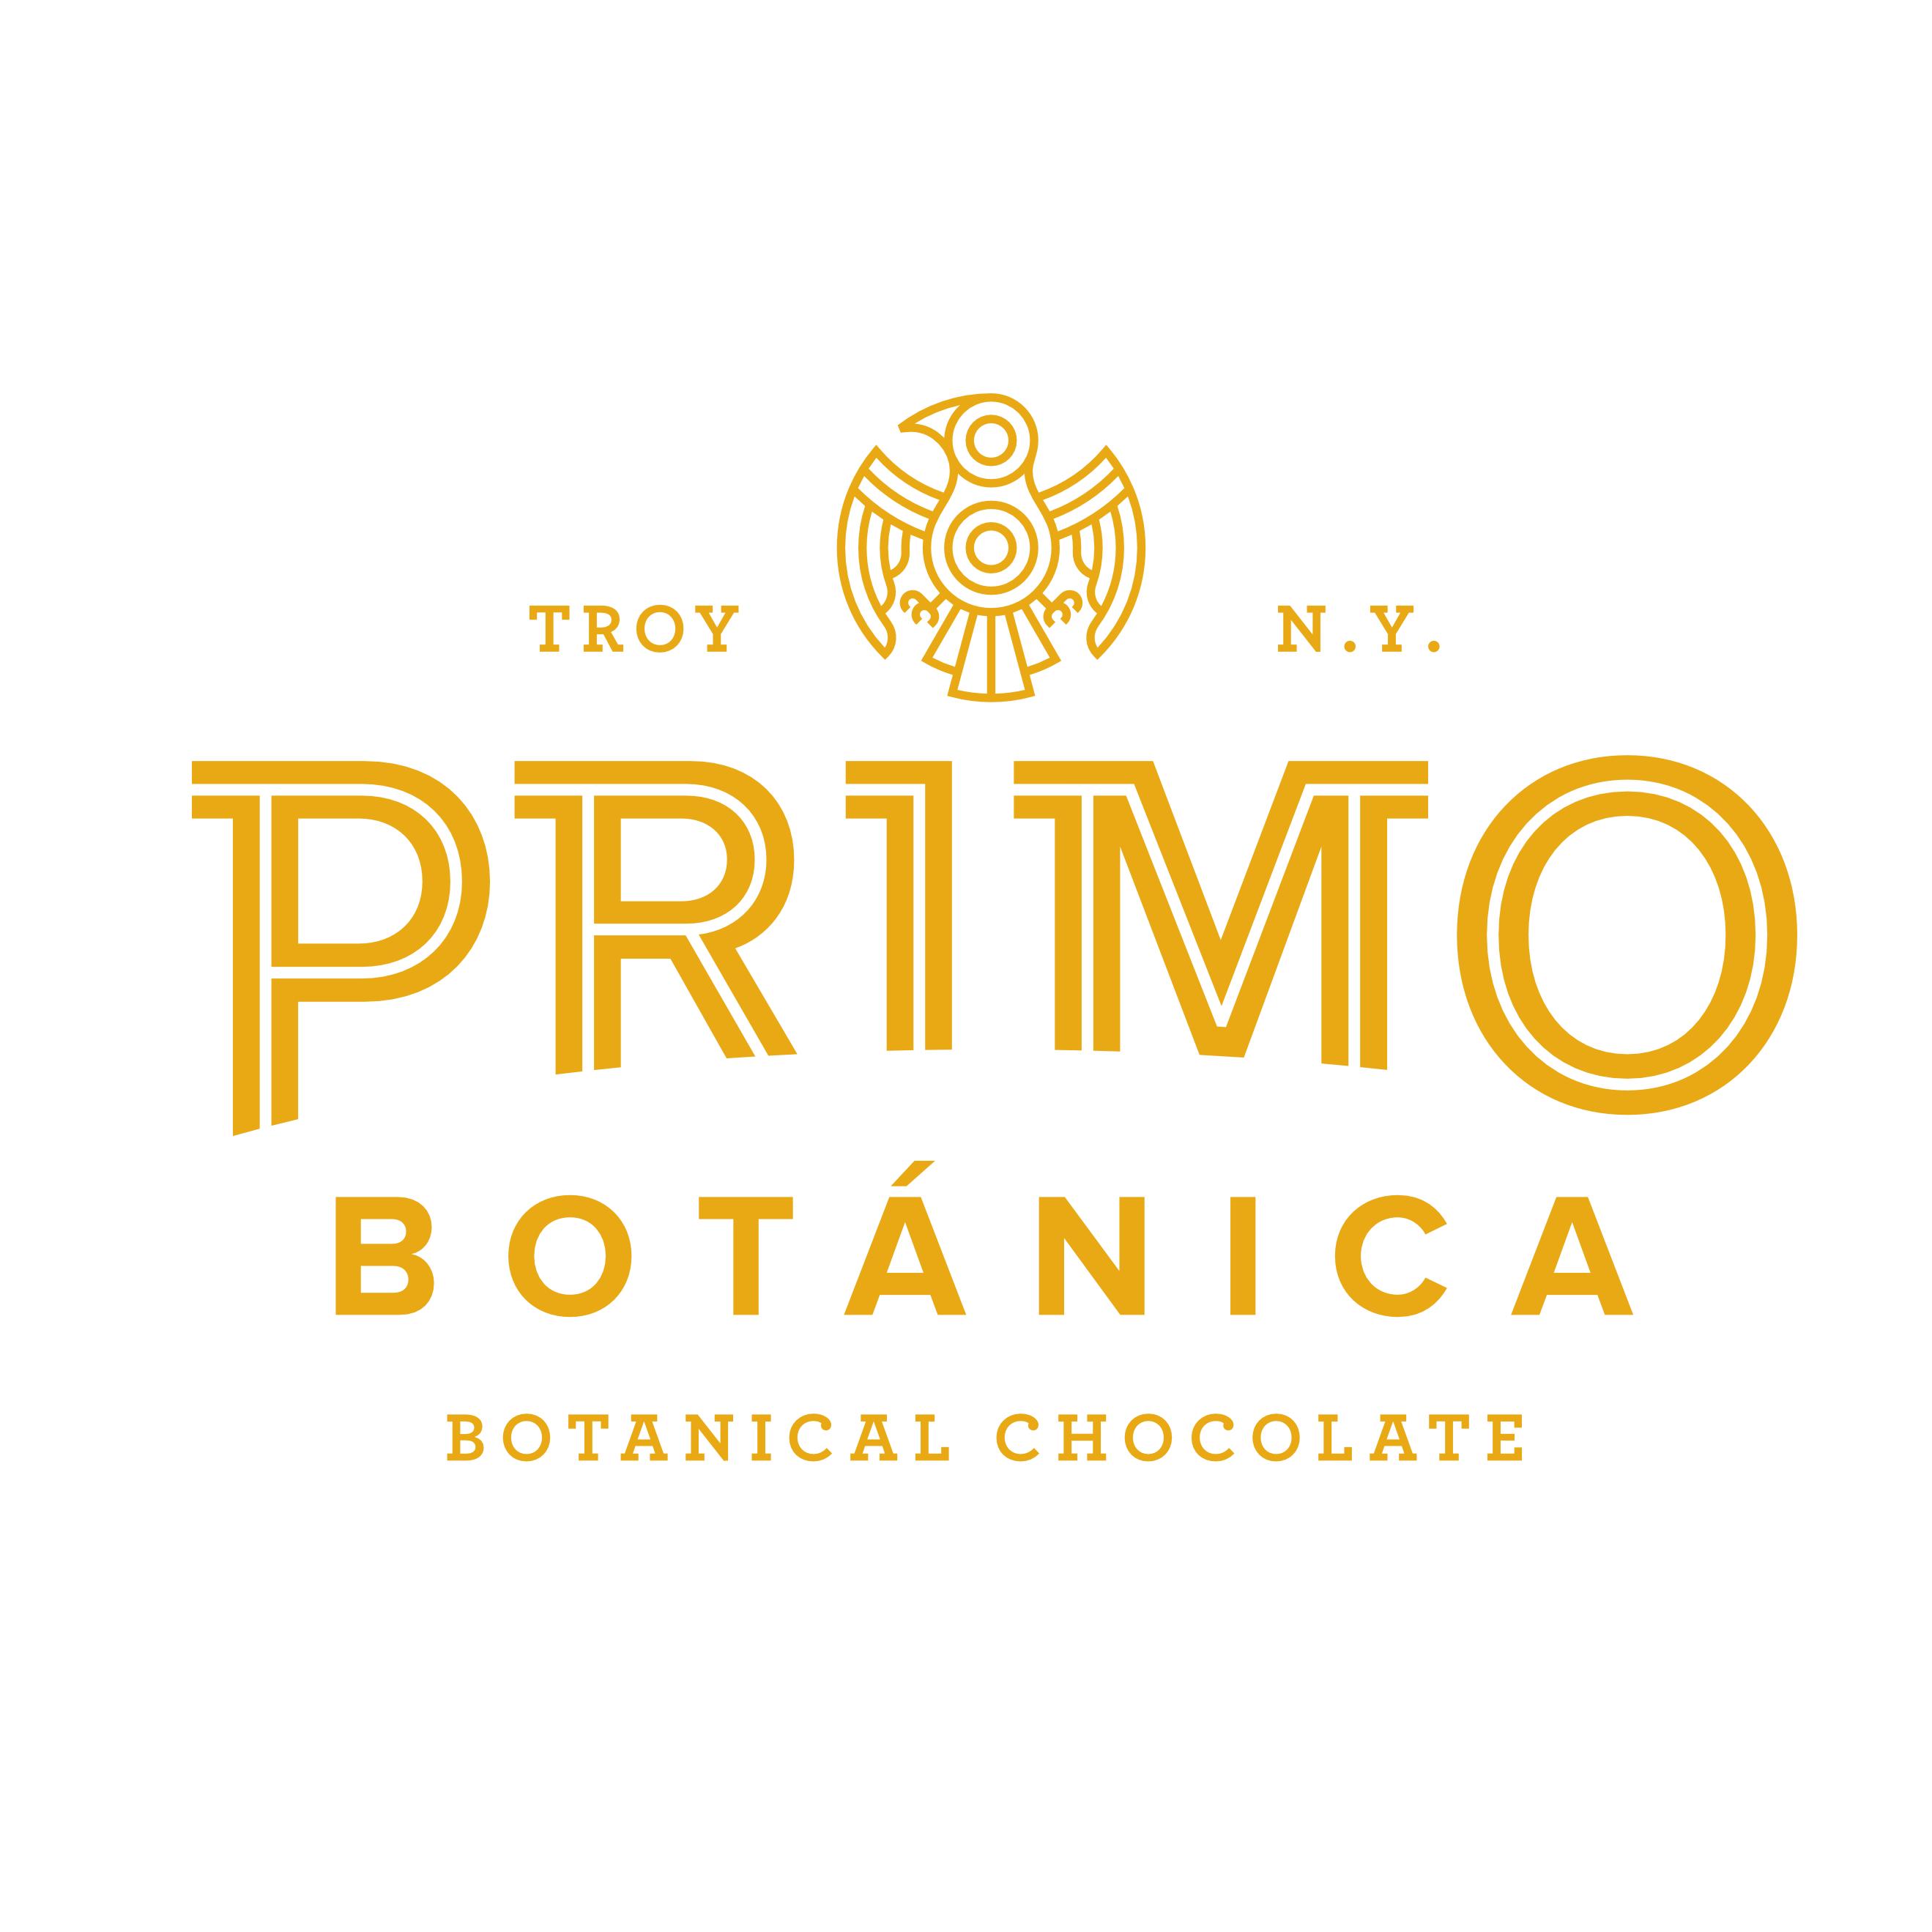 Primo Botanica